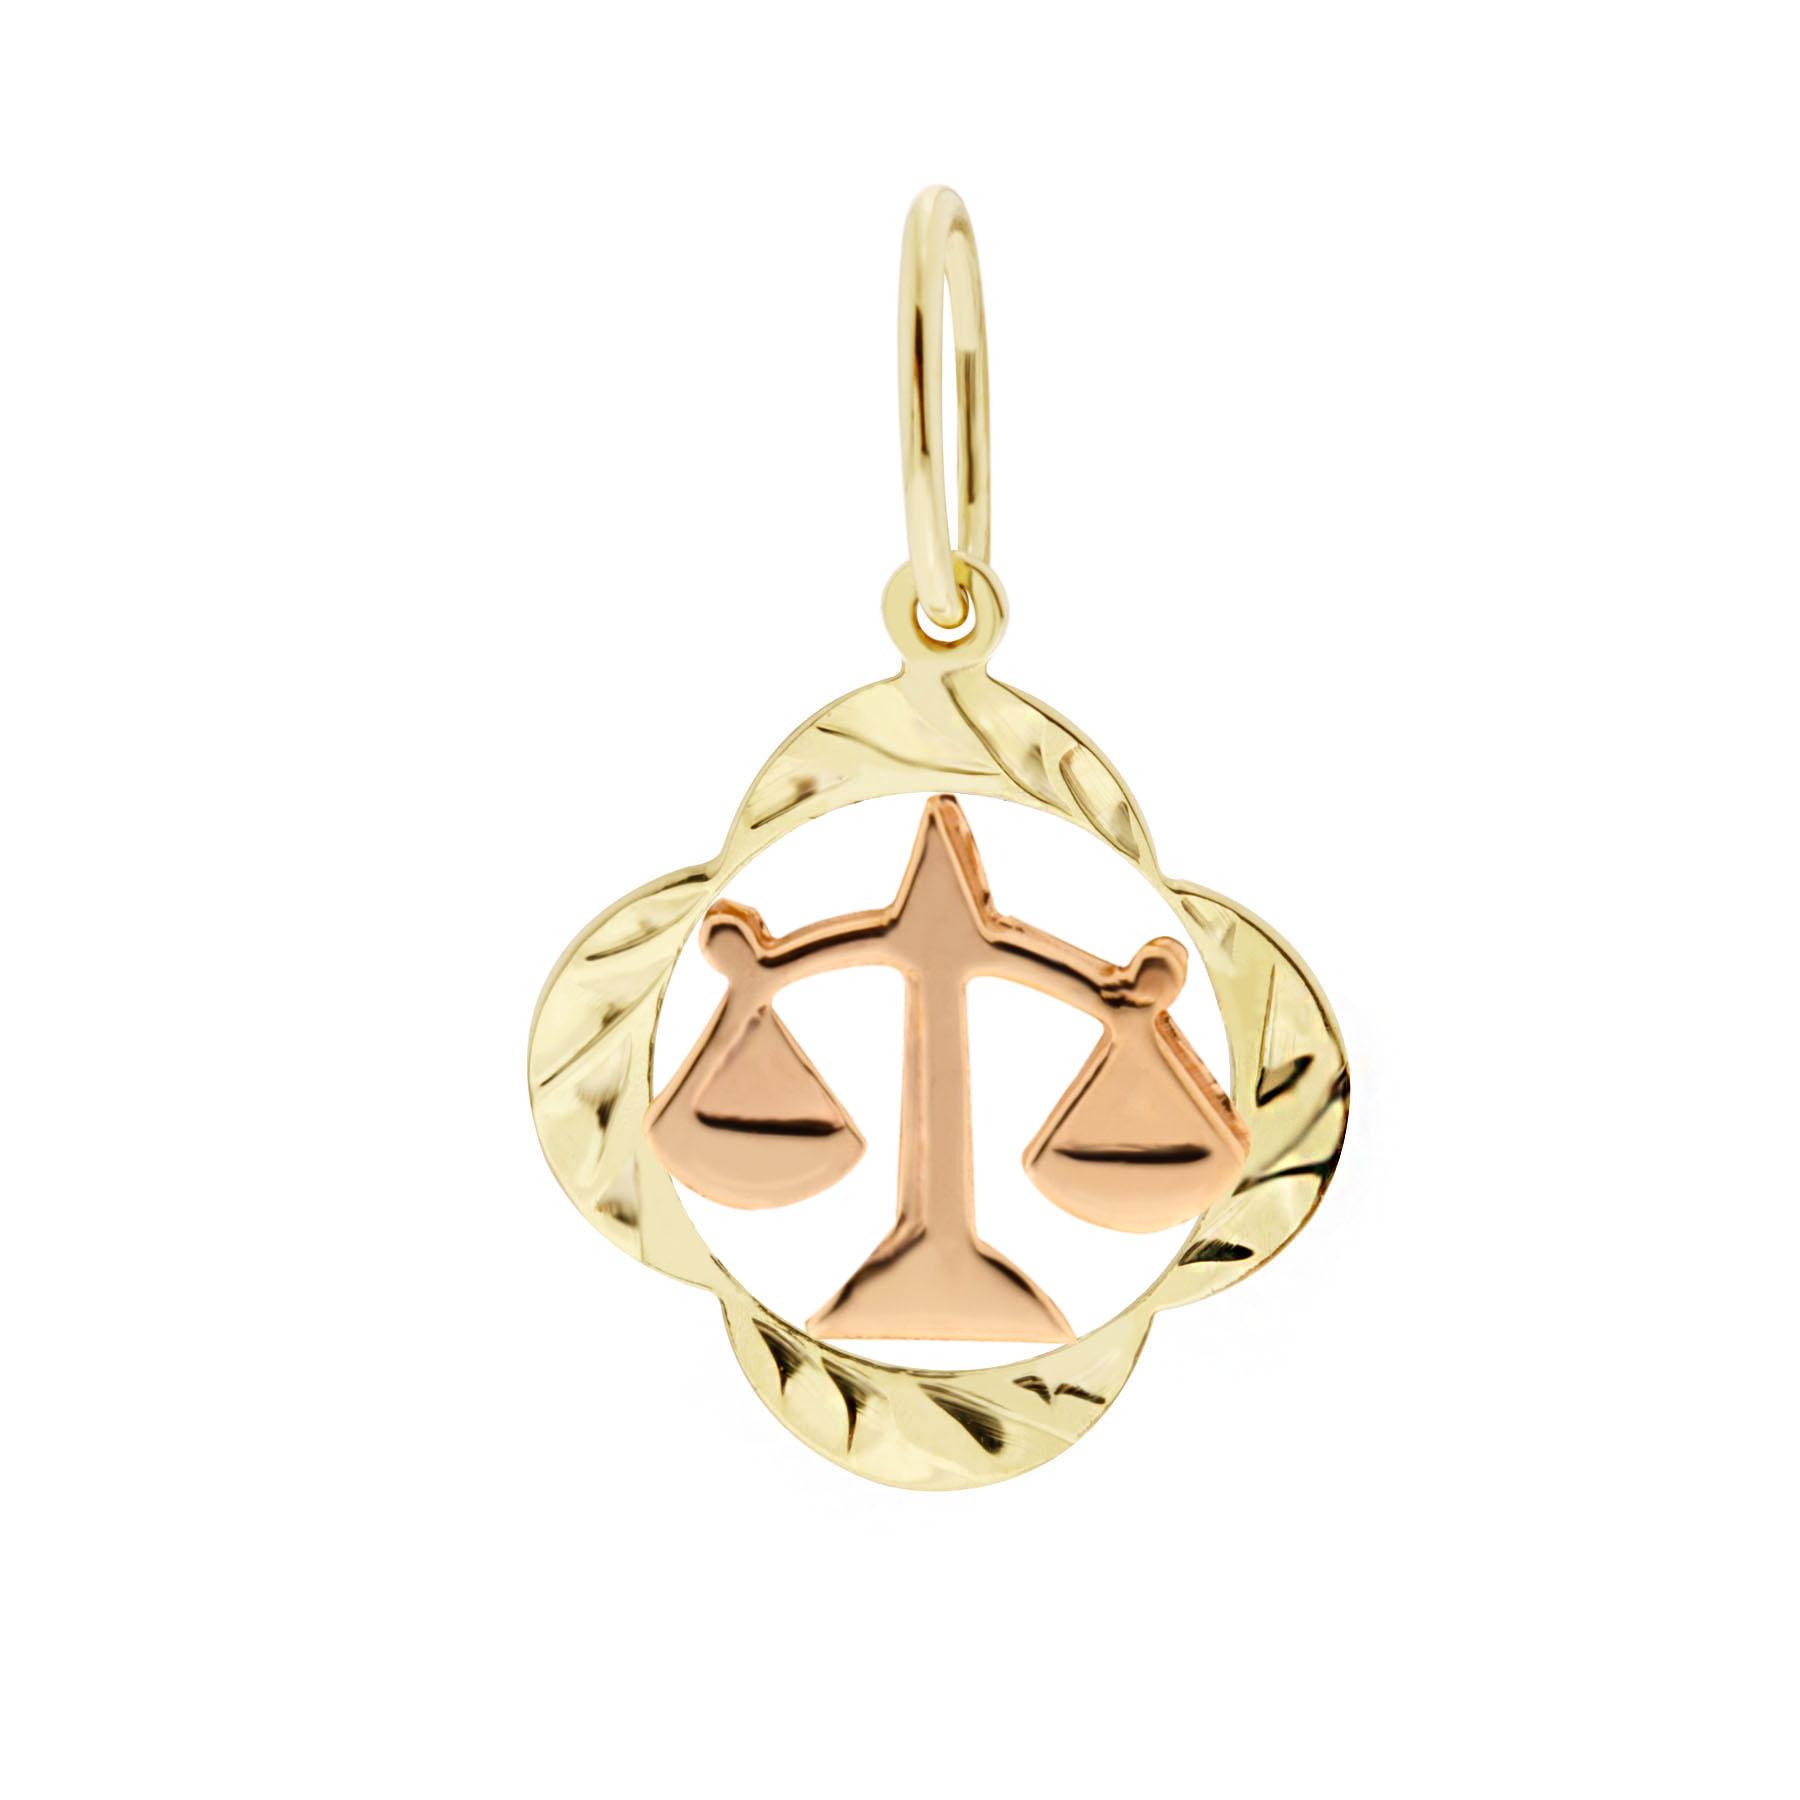 Zlatý přívěsek - znamení zvěrokruhu Váhy Tvar: Čtyřlístek, rytý rámeček